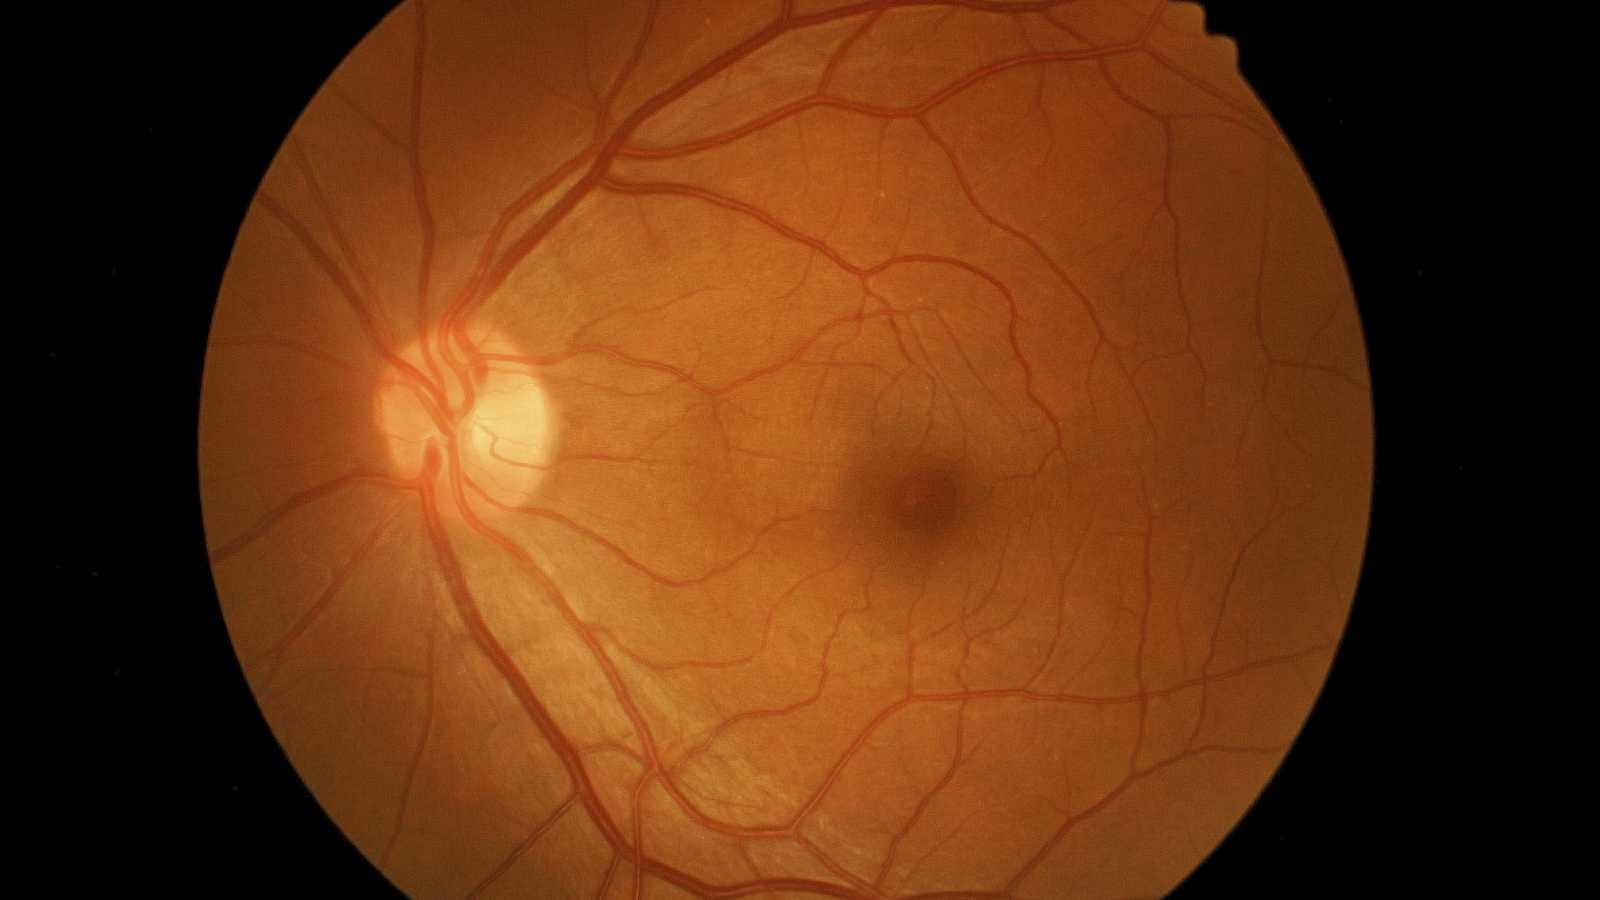 Entre probetas - Distrofias hereditarias de la retina - 04/05/16 - Escuchar ahora